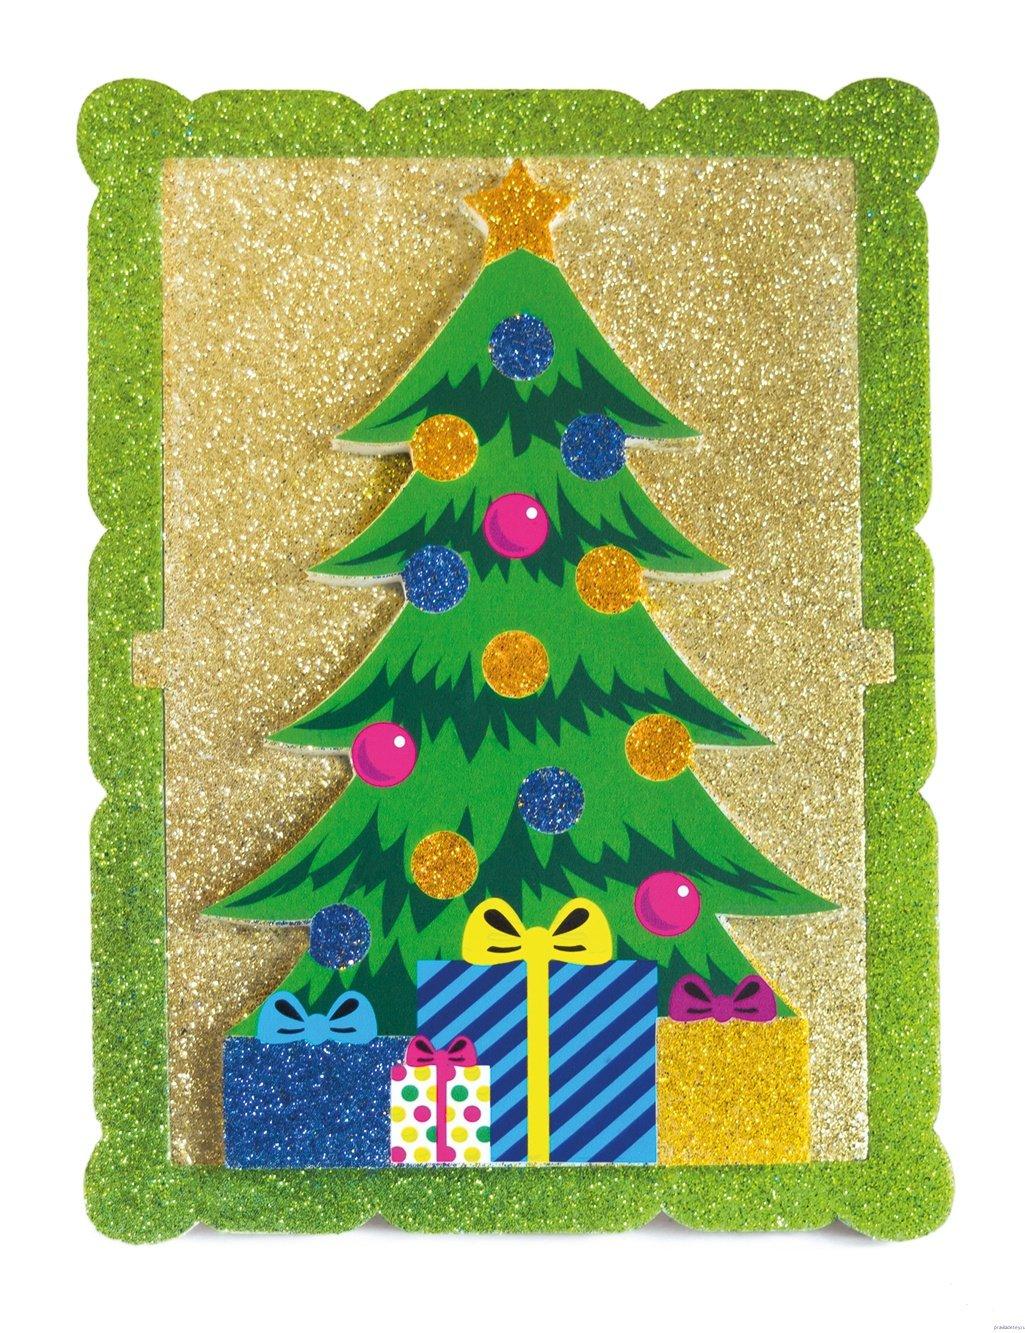 картинка аппликация елка новогодняя чем смысл бойлера